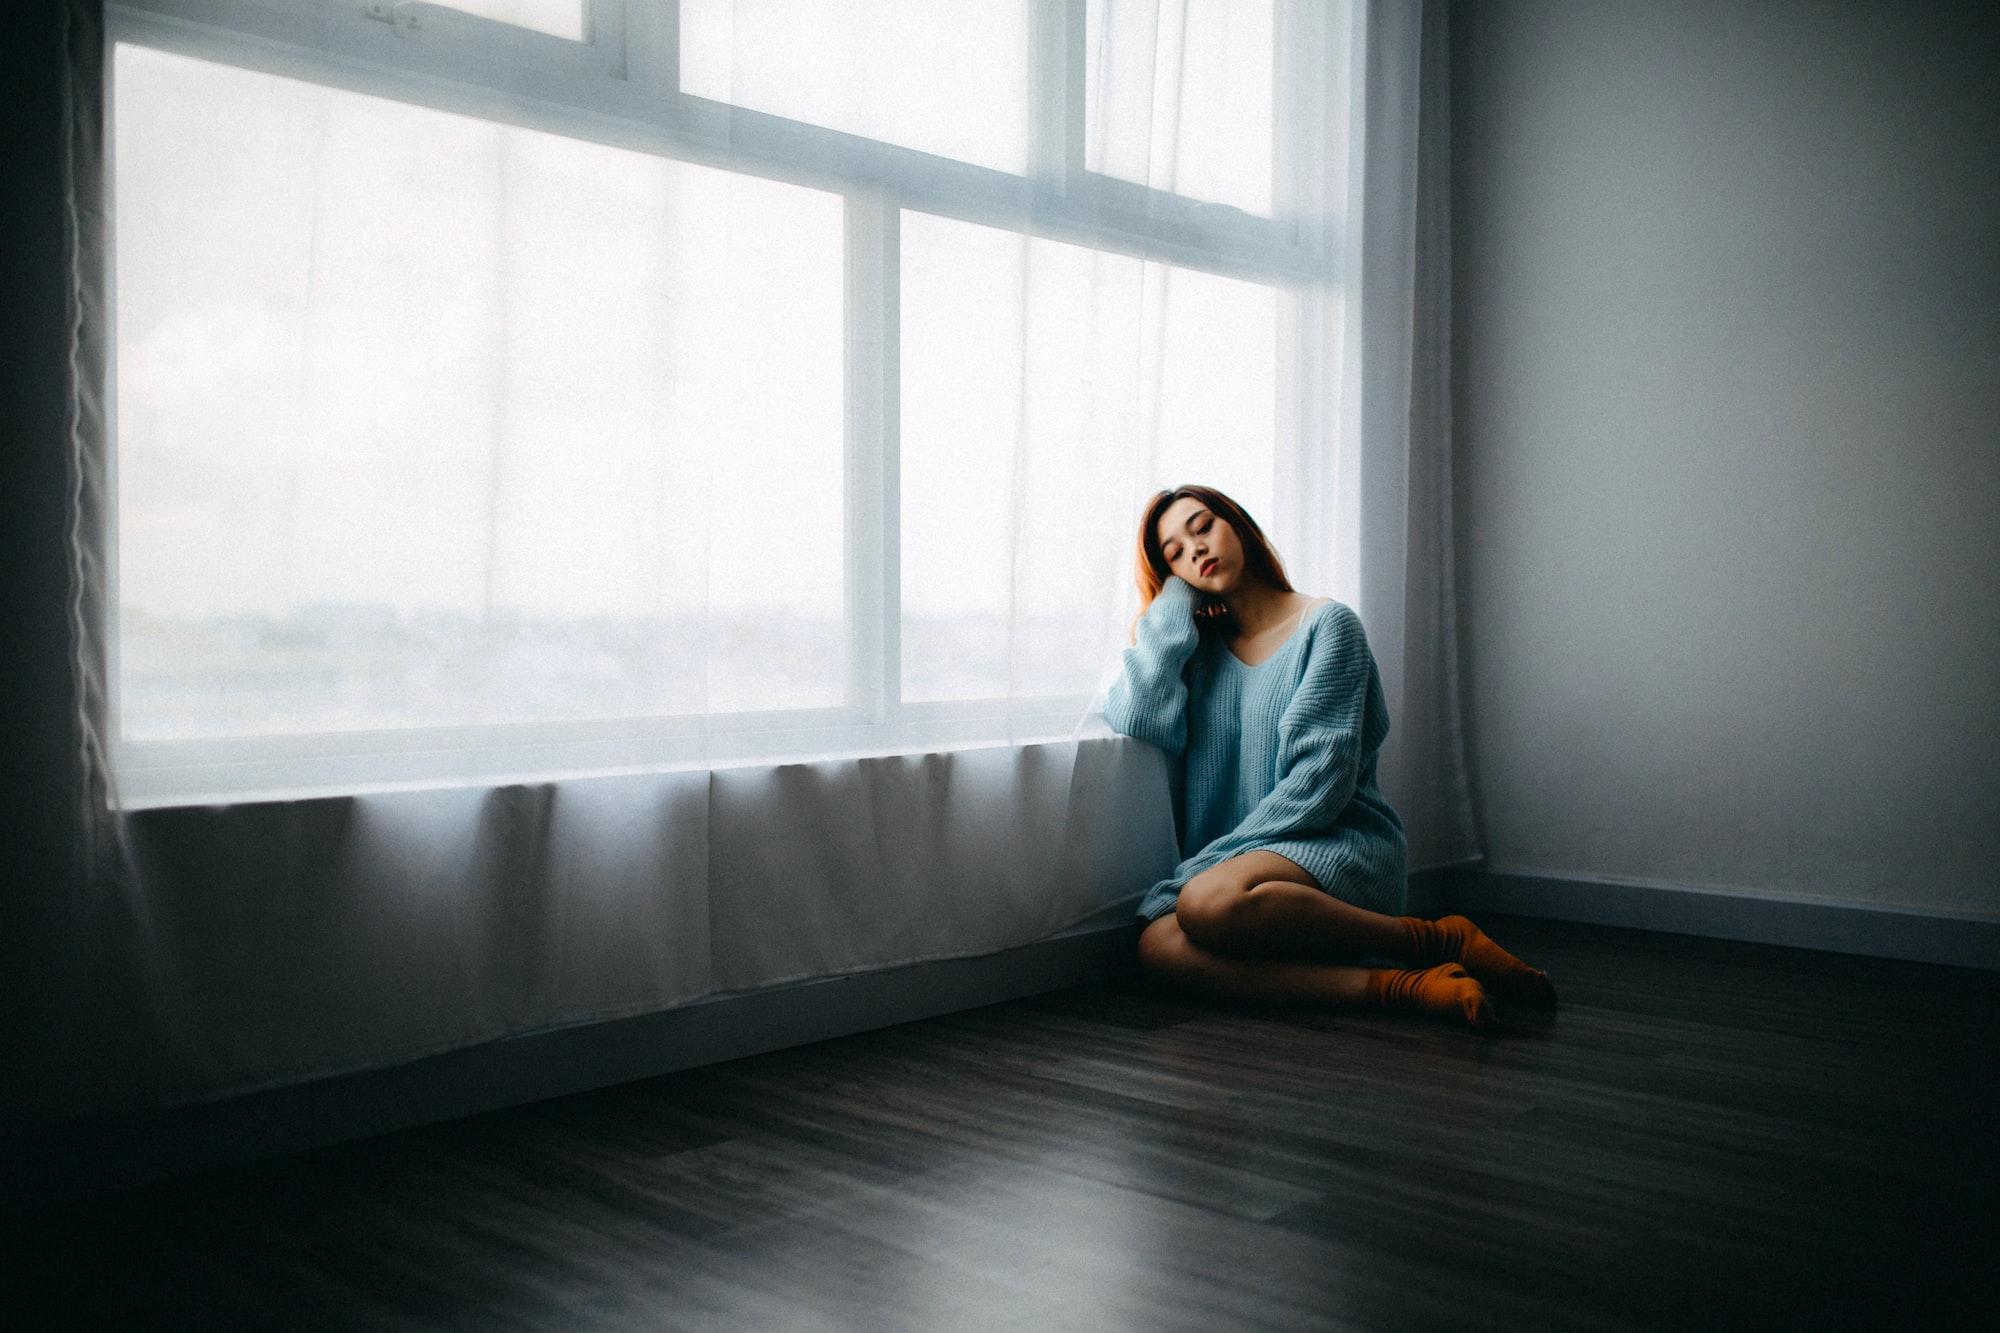 Einsam und trotzdem nie allein - Wie du der Einsamkeit in deiner Mutterschaft mit Resilienz begegnen kannst